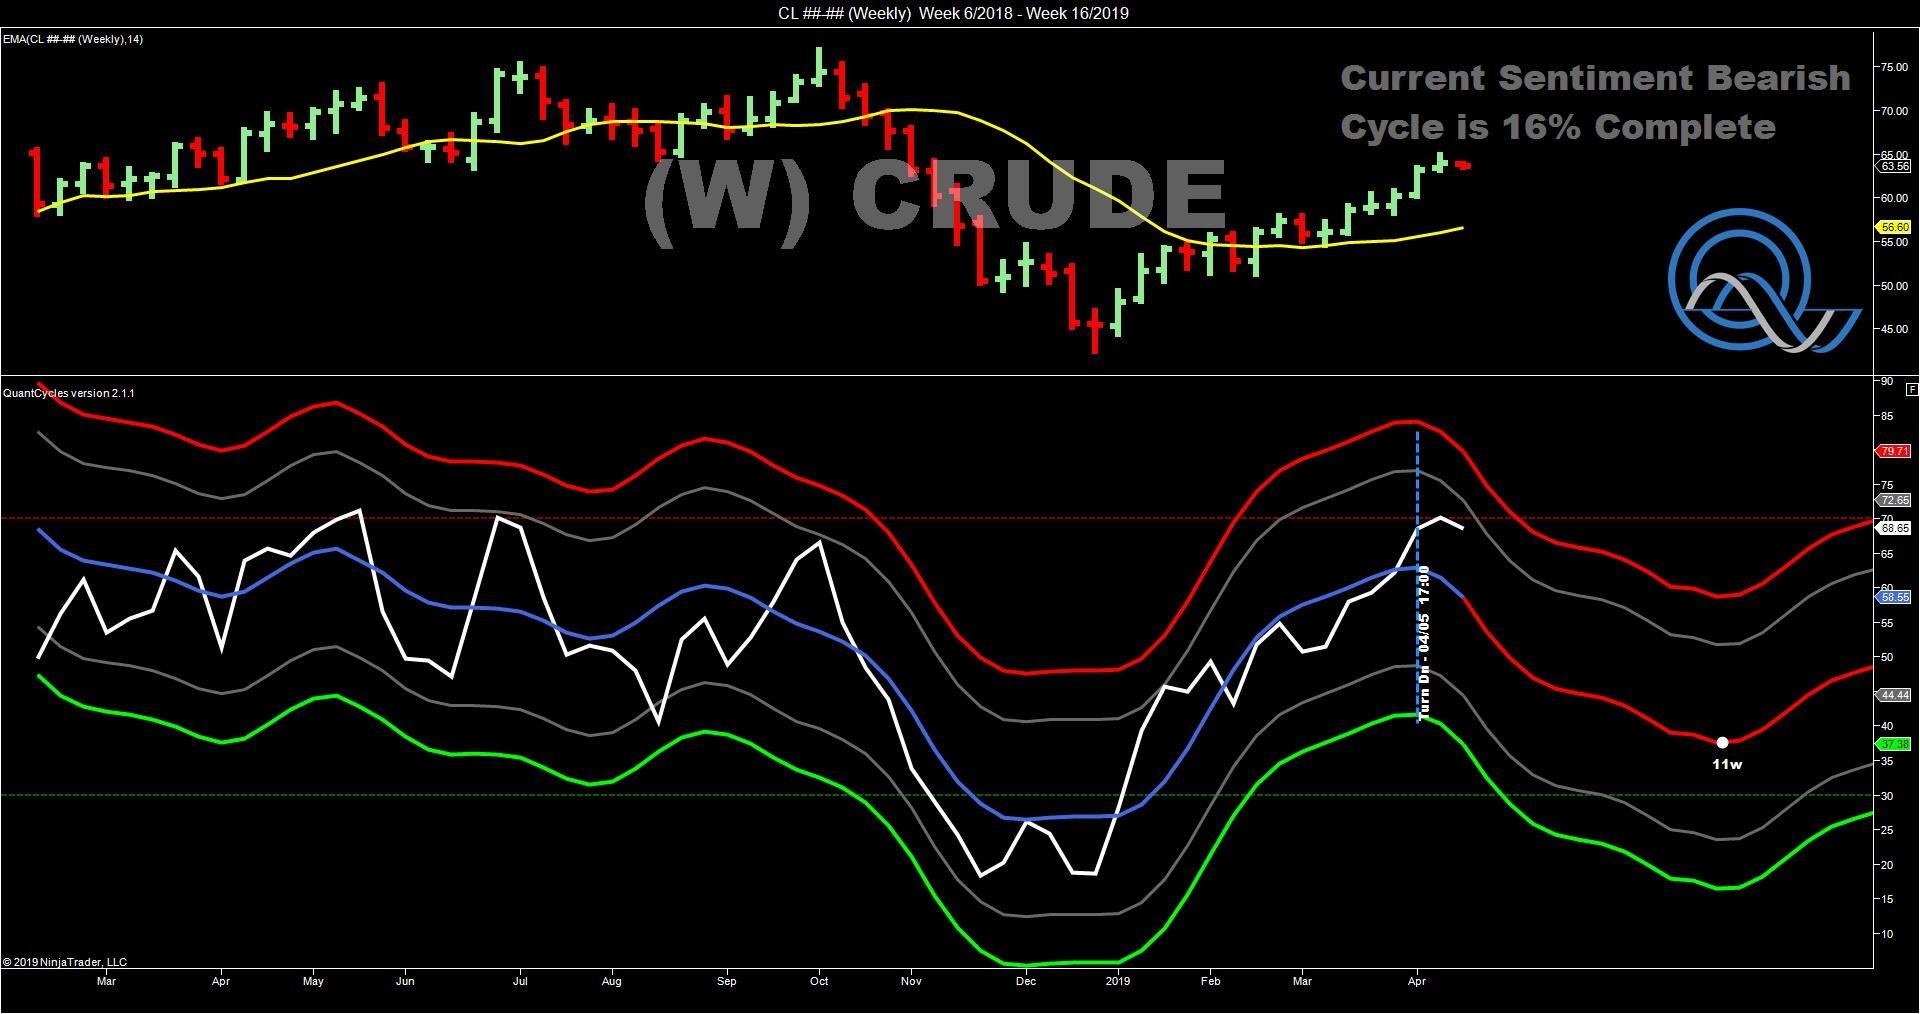 Crude W